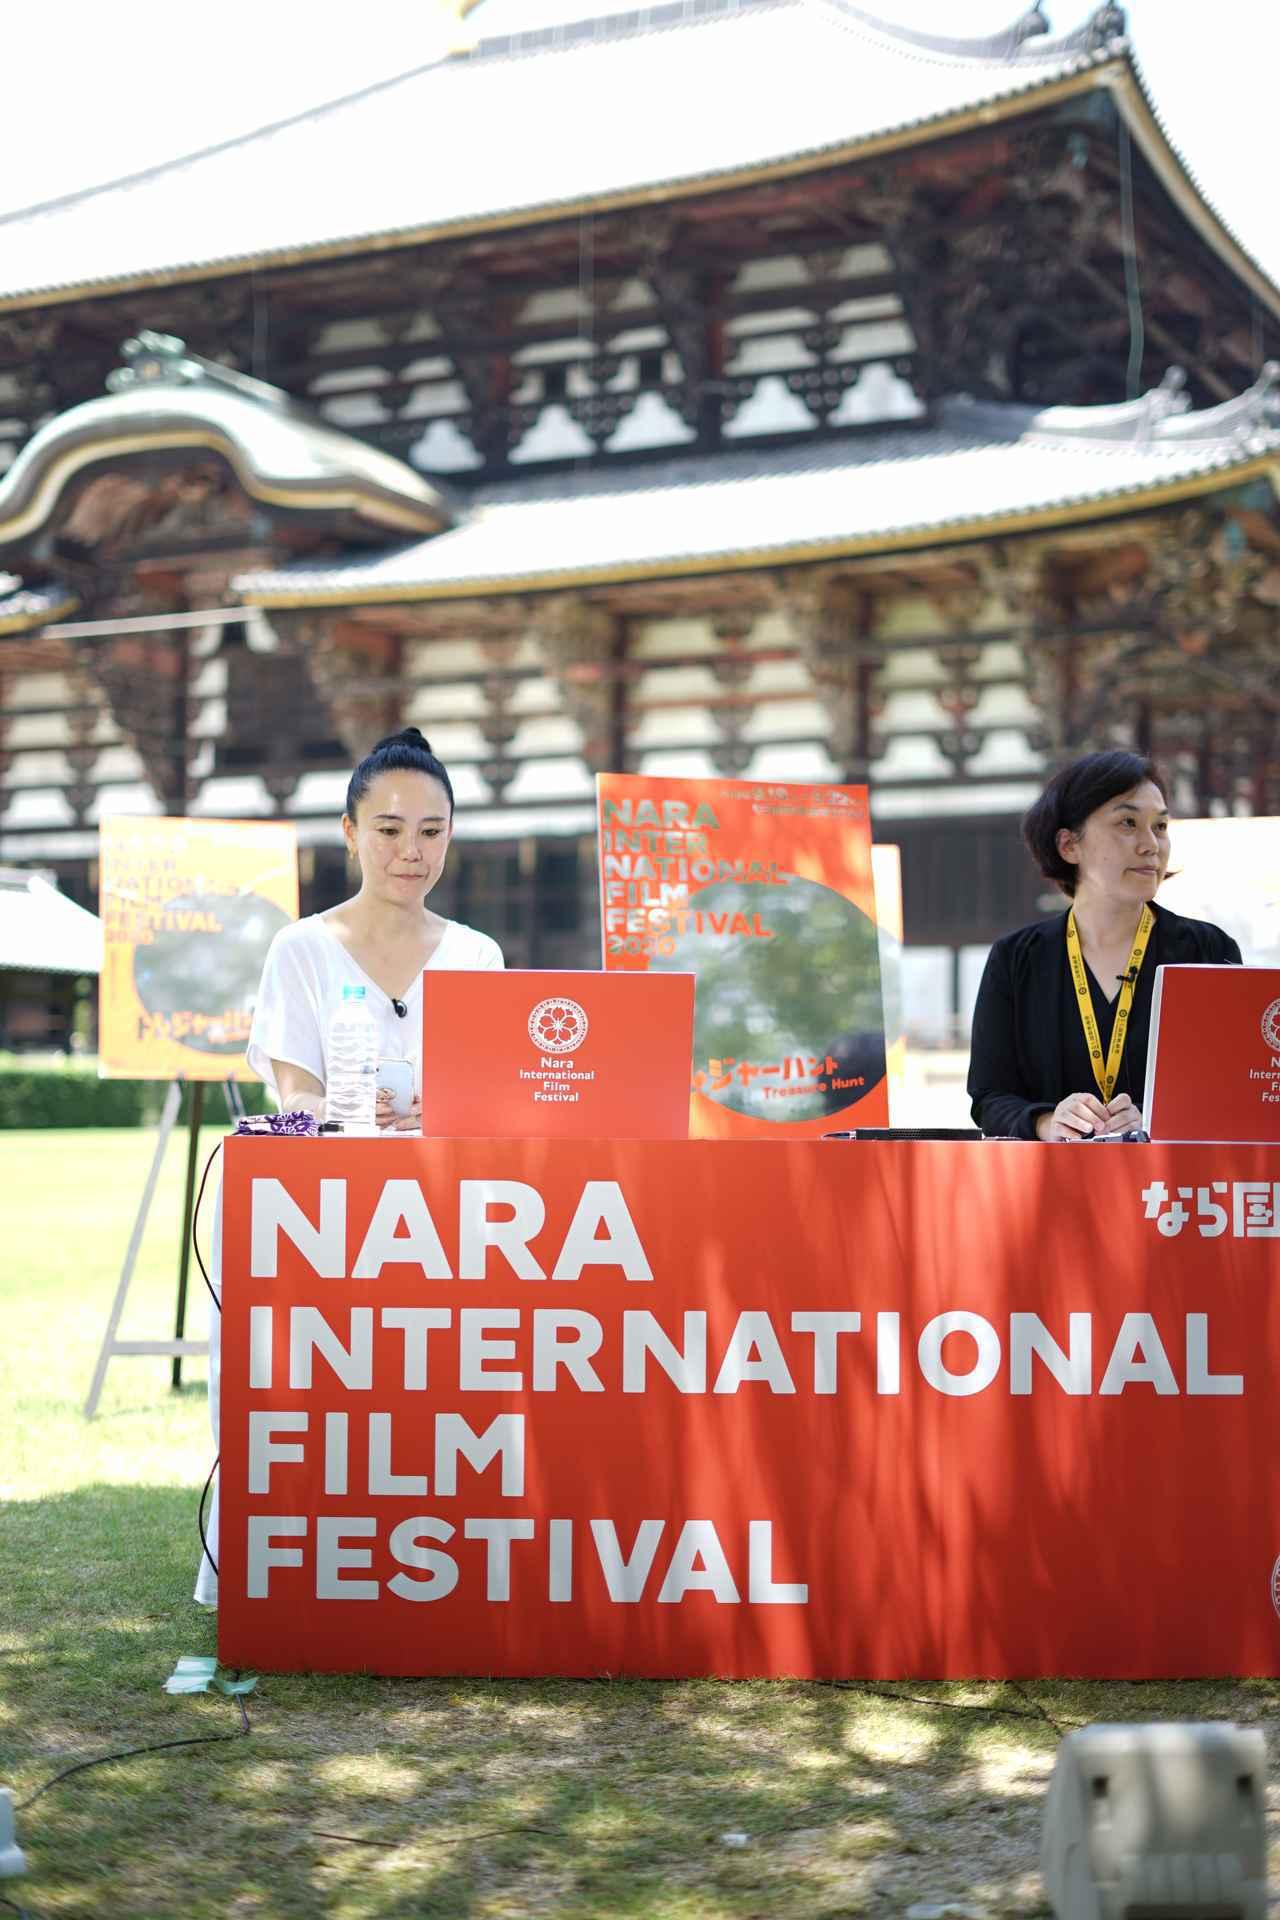 画像1: 左より河瀨直美監督と中野 聖子. (なかの さとこ)なら国際映画祭実行委員会 理事長